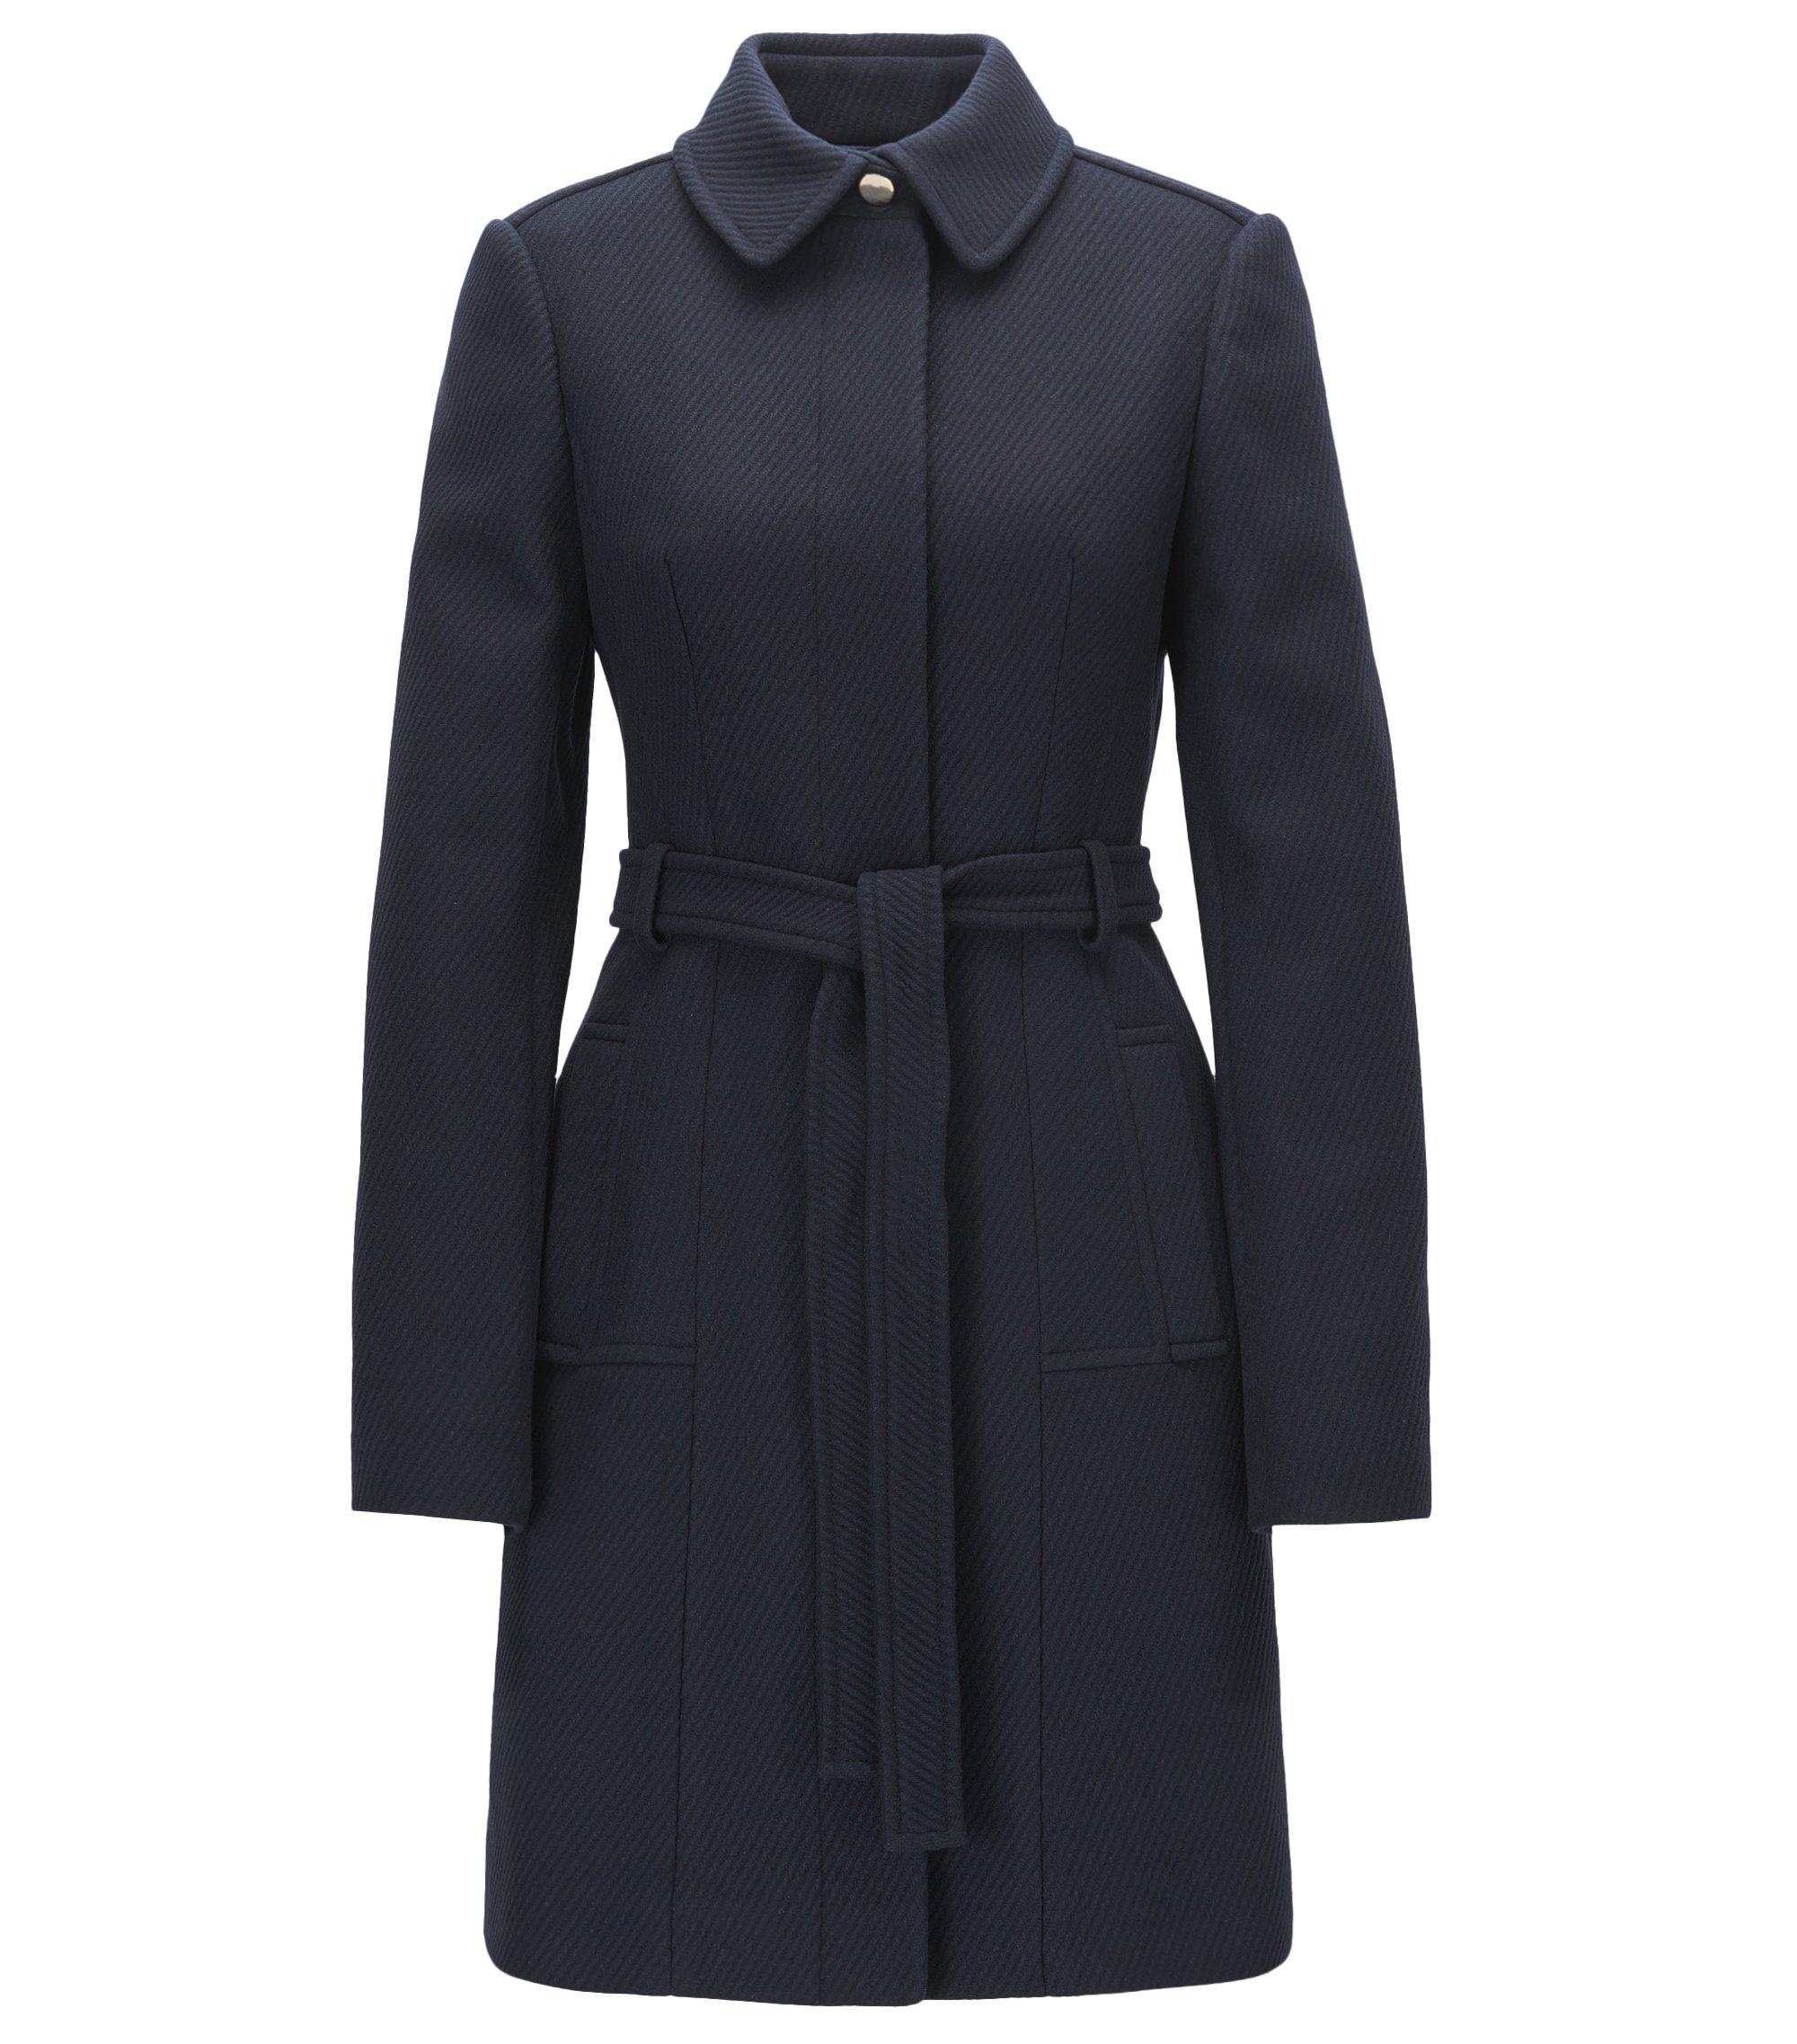 Manteau Regular Fit en laine mélangée avec ceinture à nouer, Bleu foncé